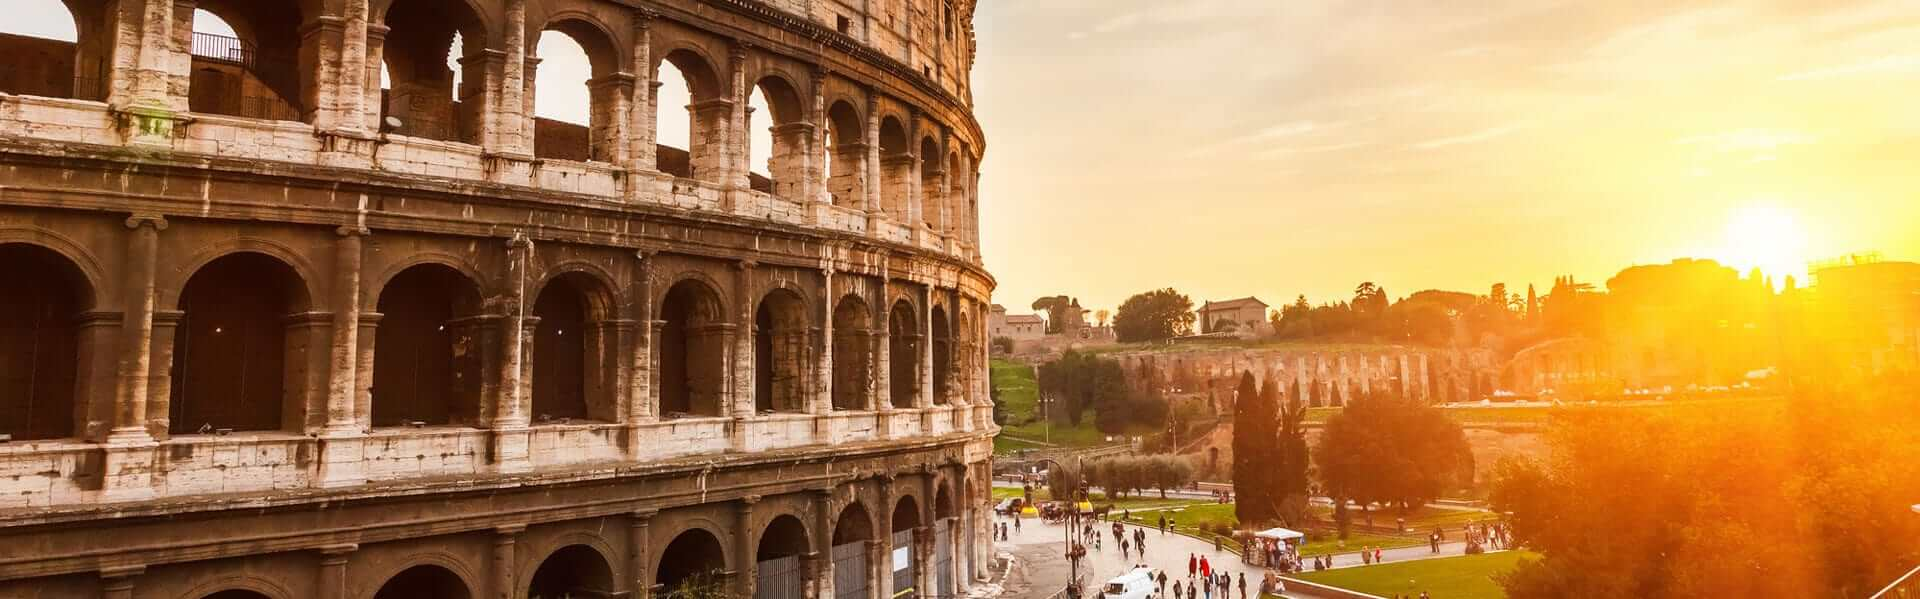 Firmenreise nach Rom Sightseeing und Städtetrip b-ceed